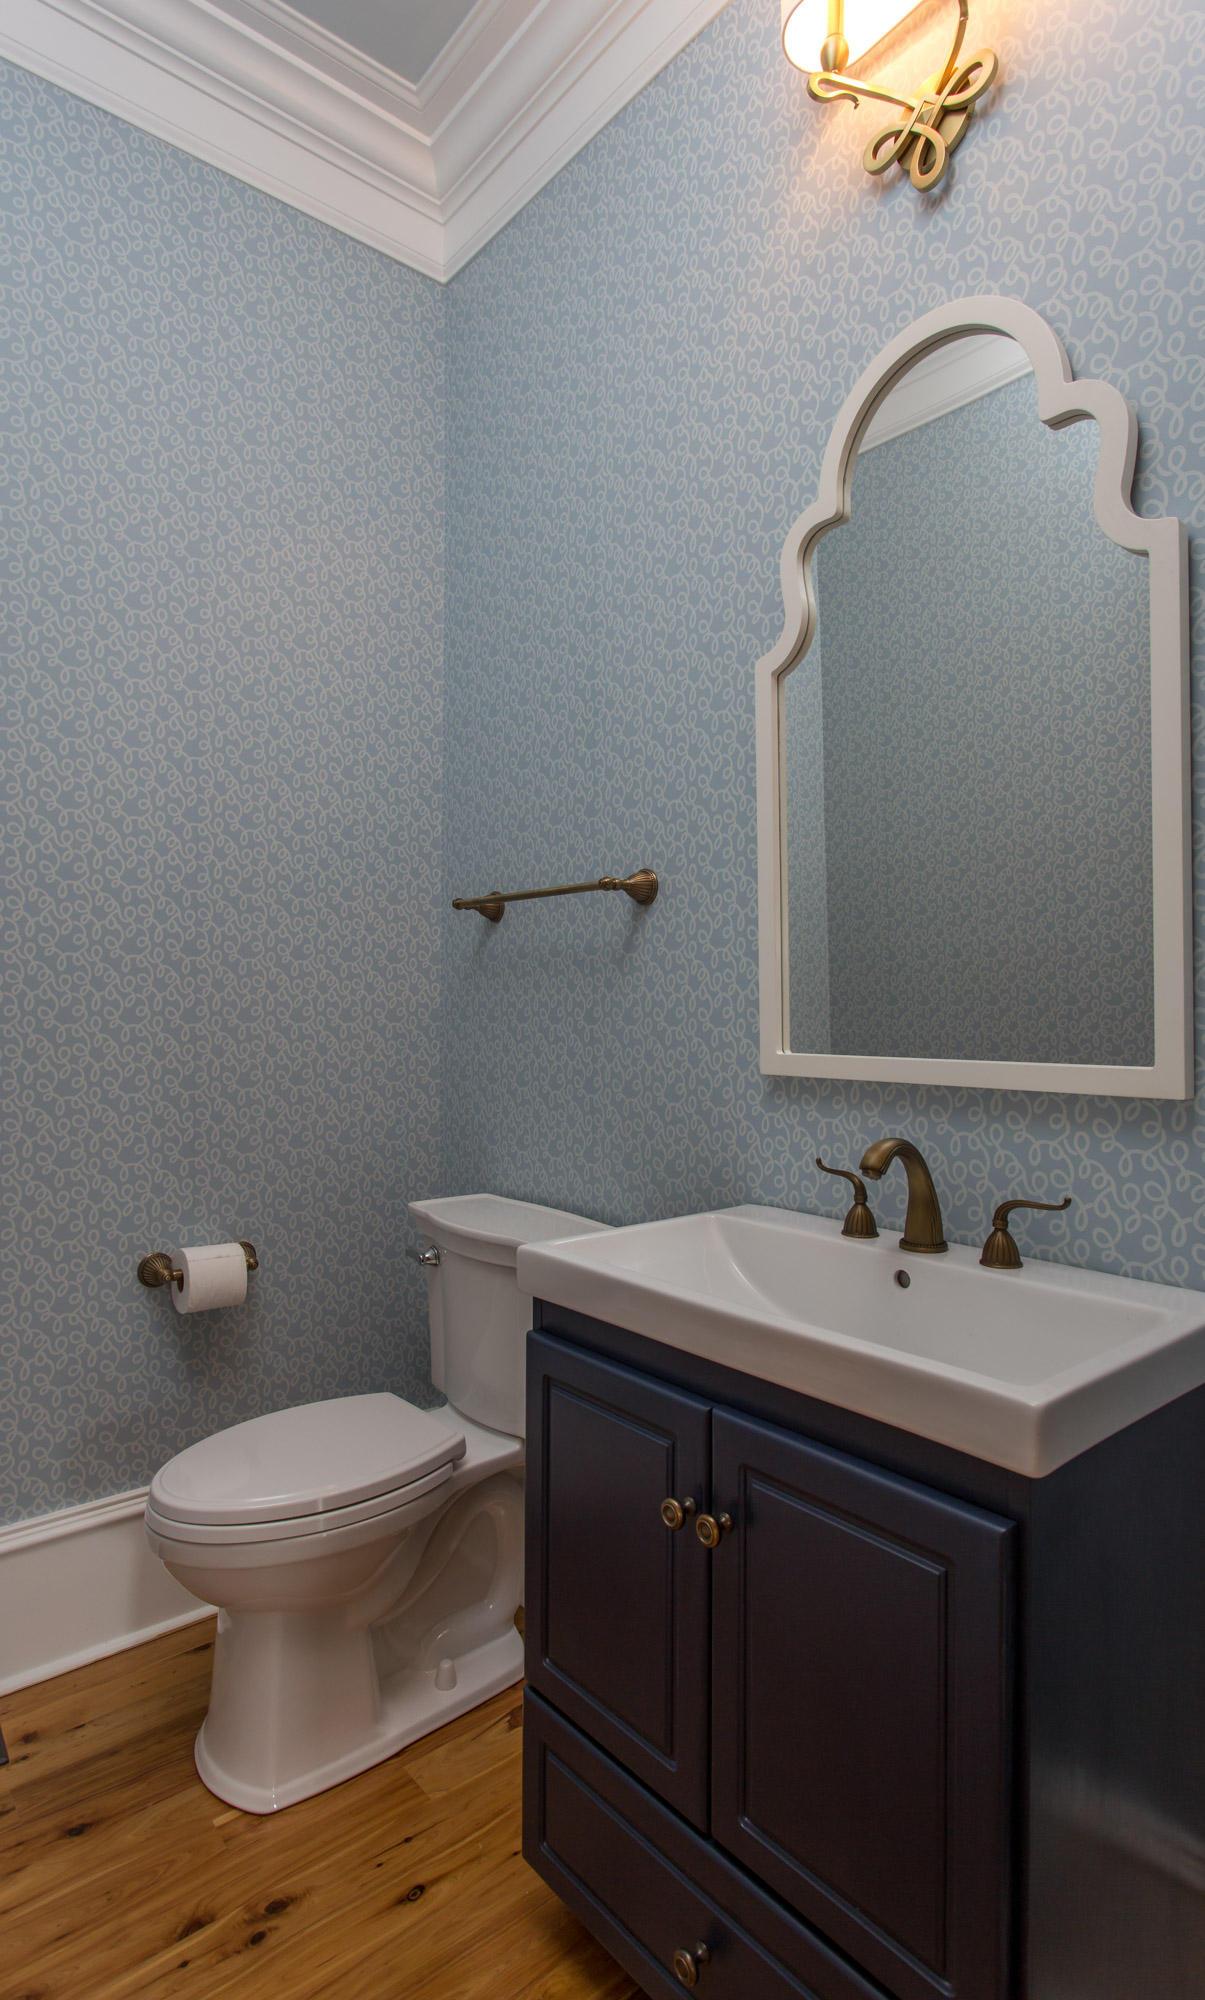 Dunes West Homes For Sale - 3044 Yachtsman, Mount Pleasant, SC - 70